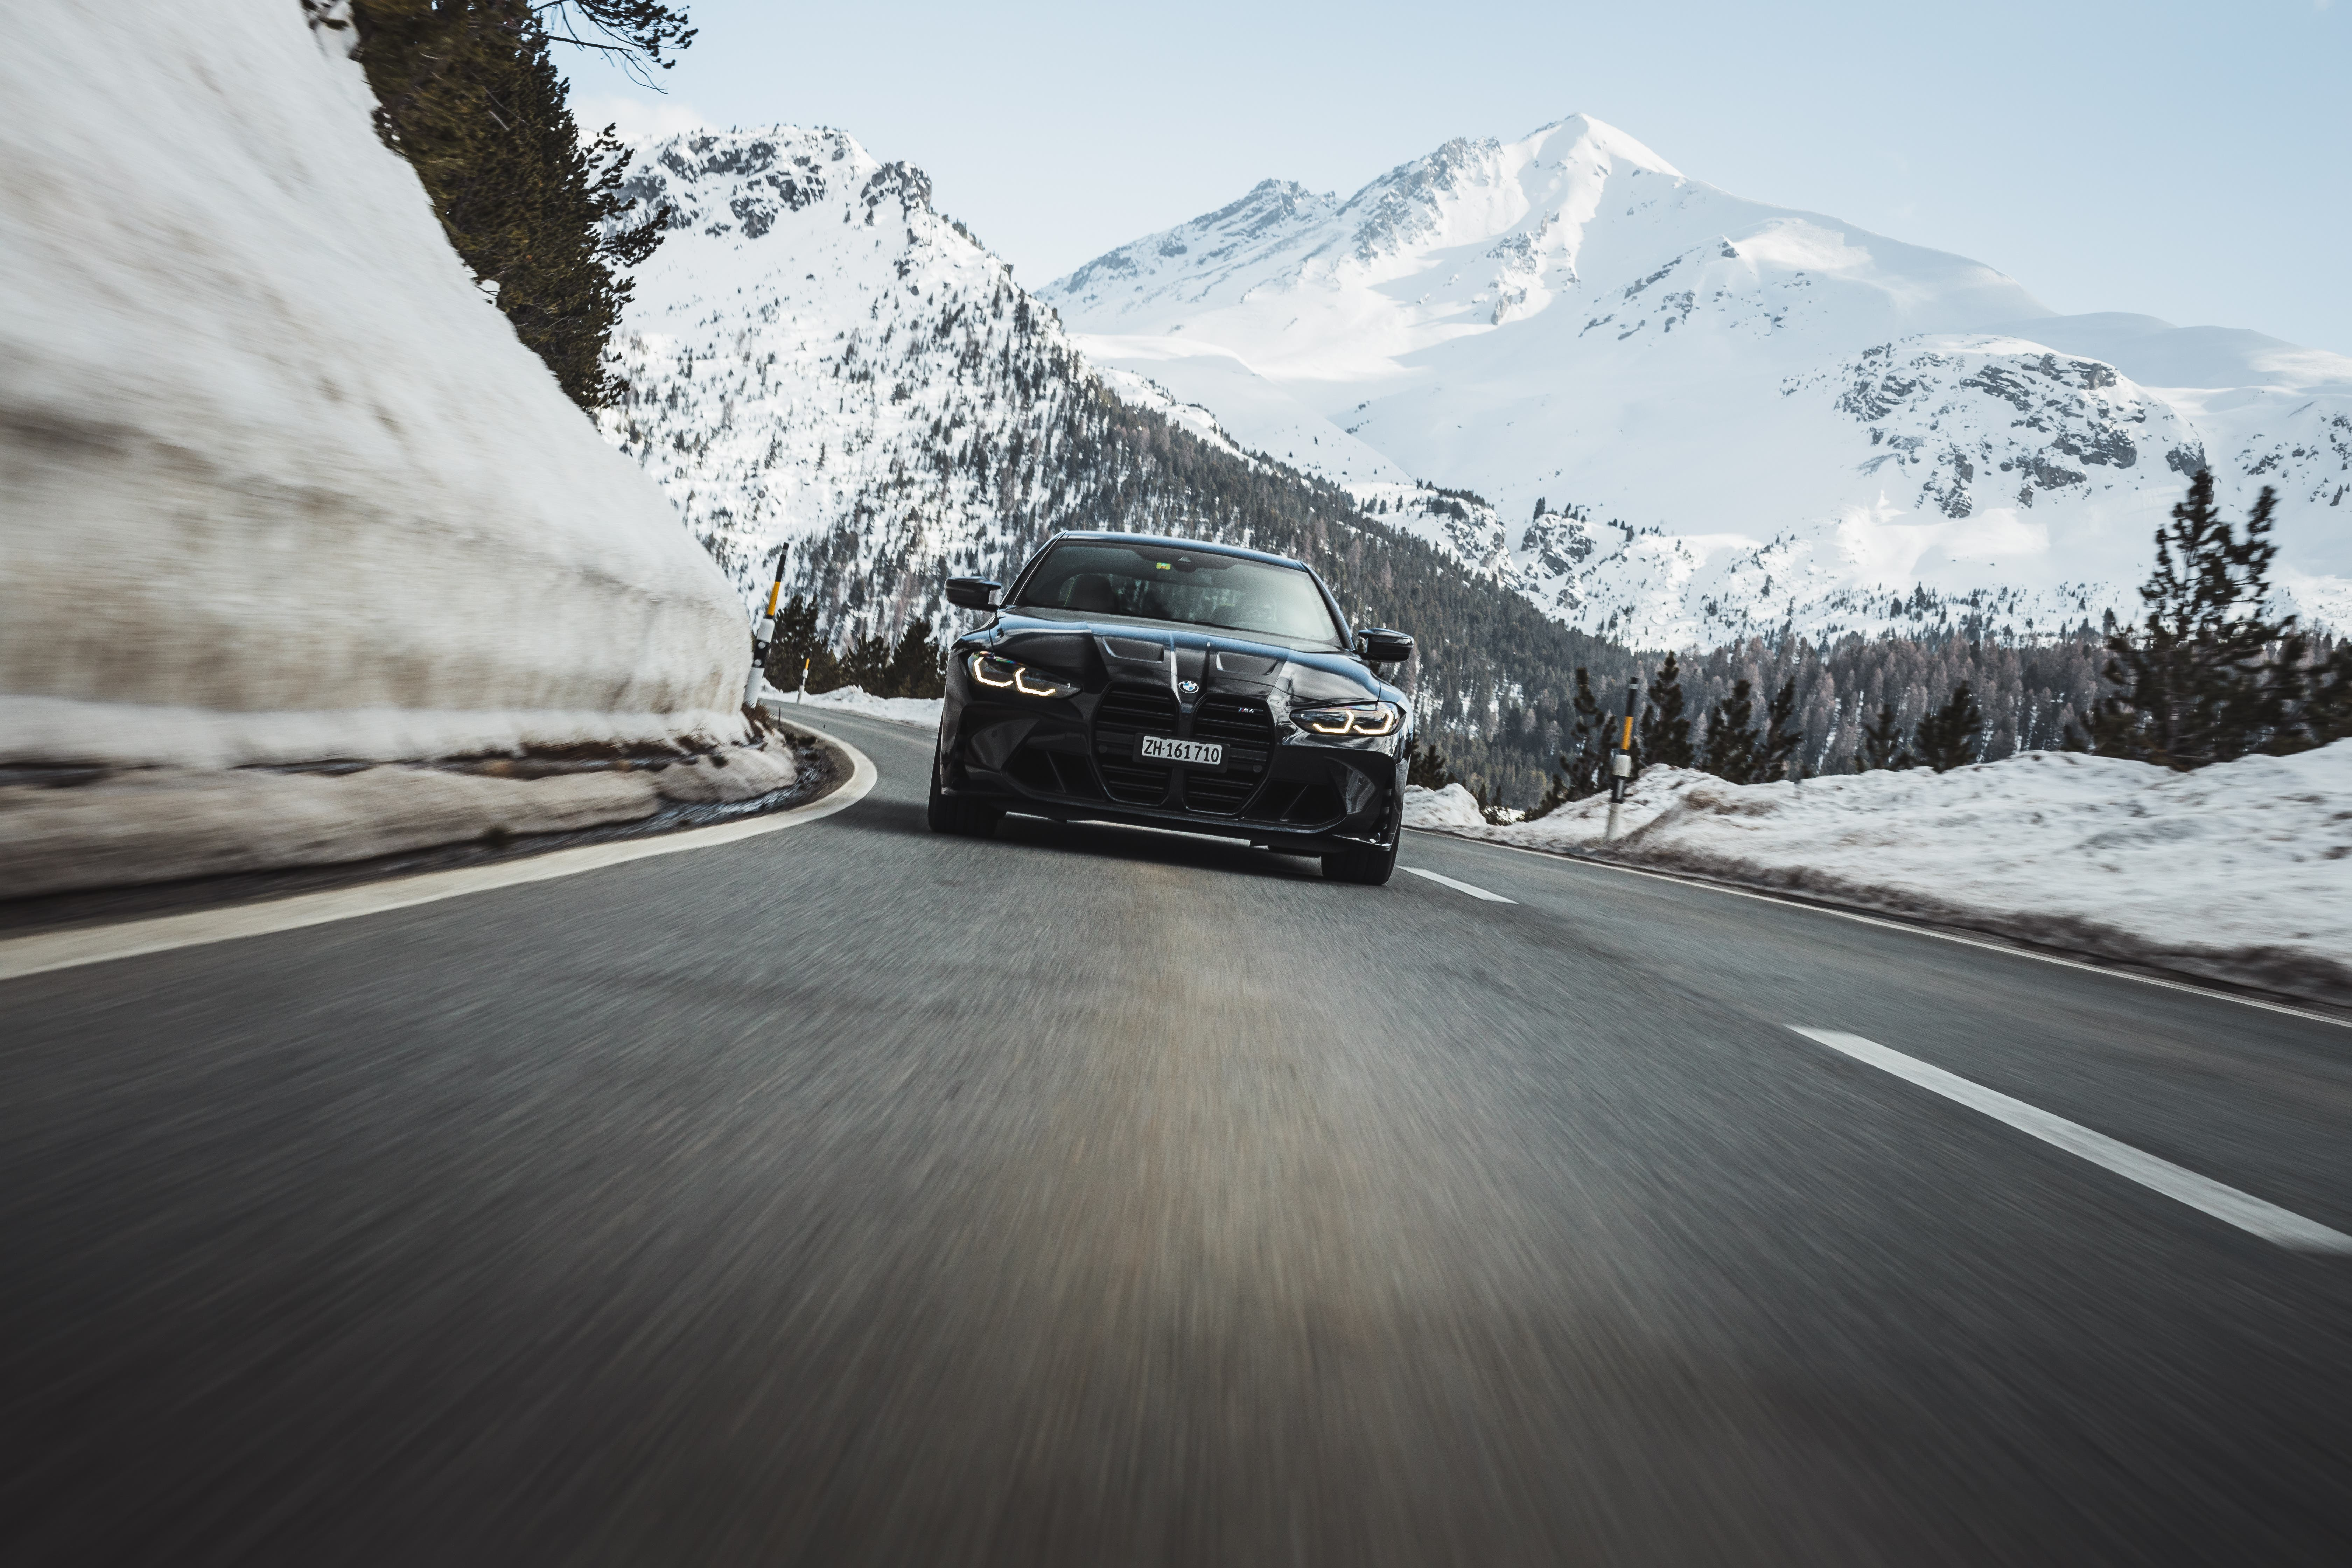 BMW M4.